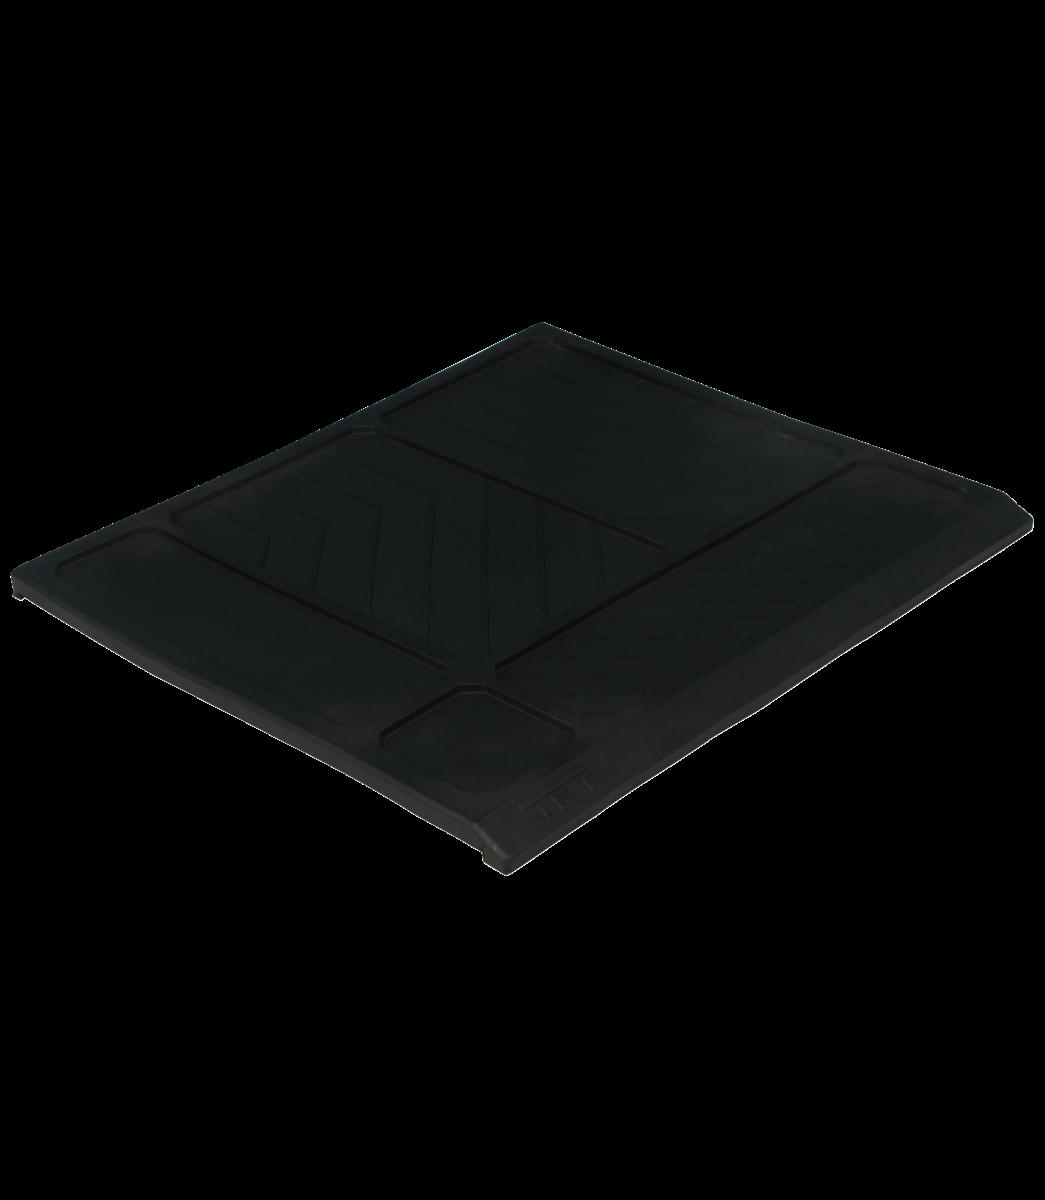 JET — Lathe Mat for GH 1440,